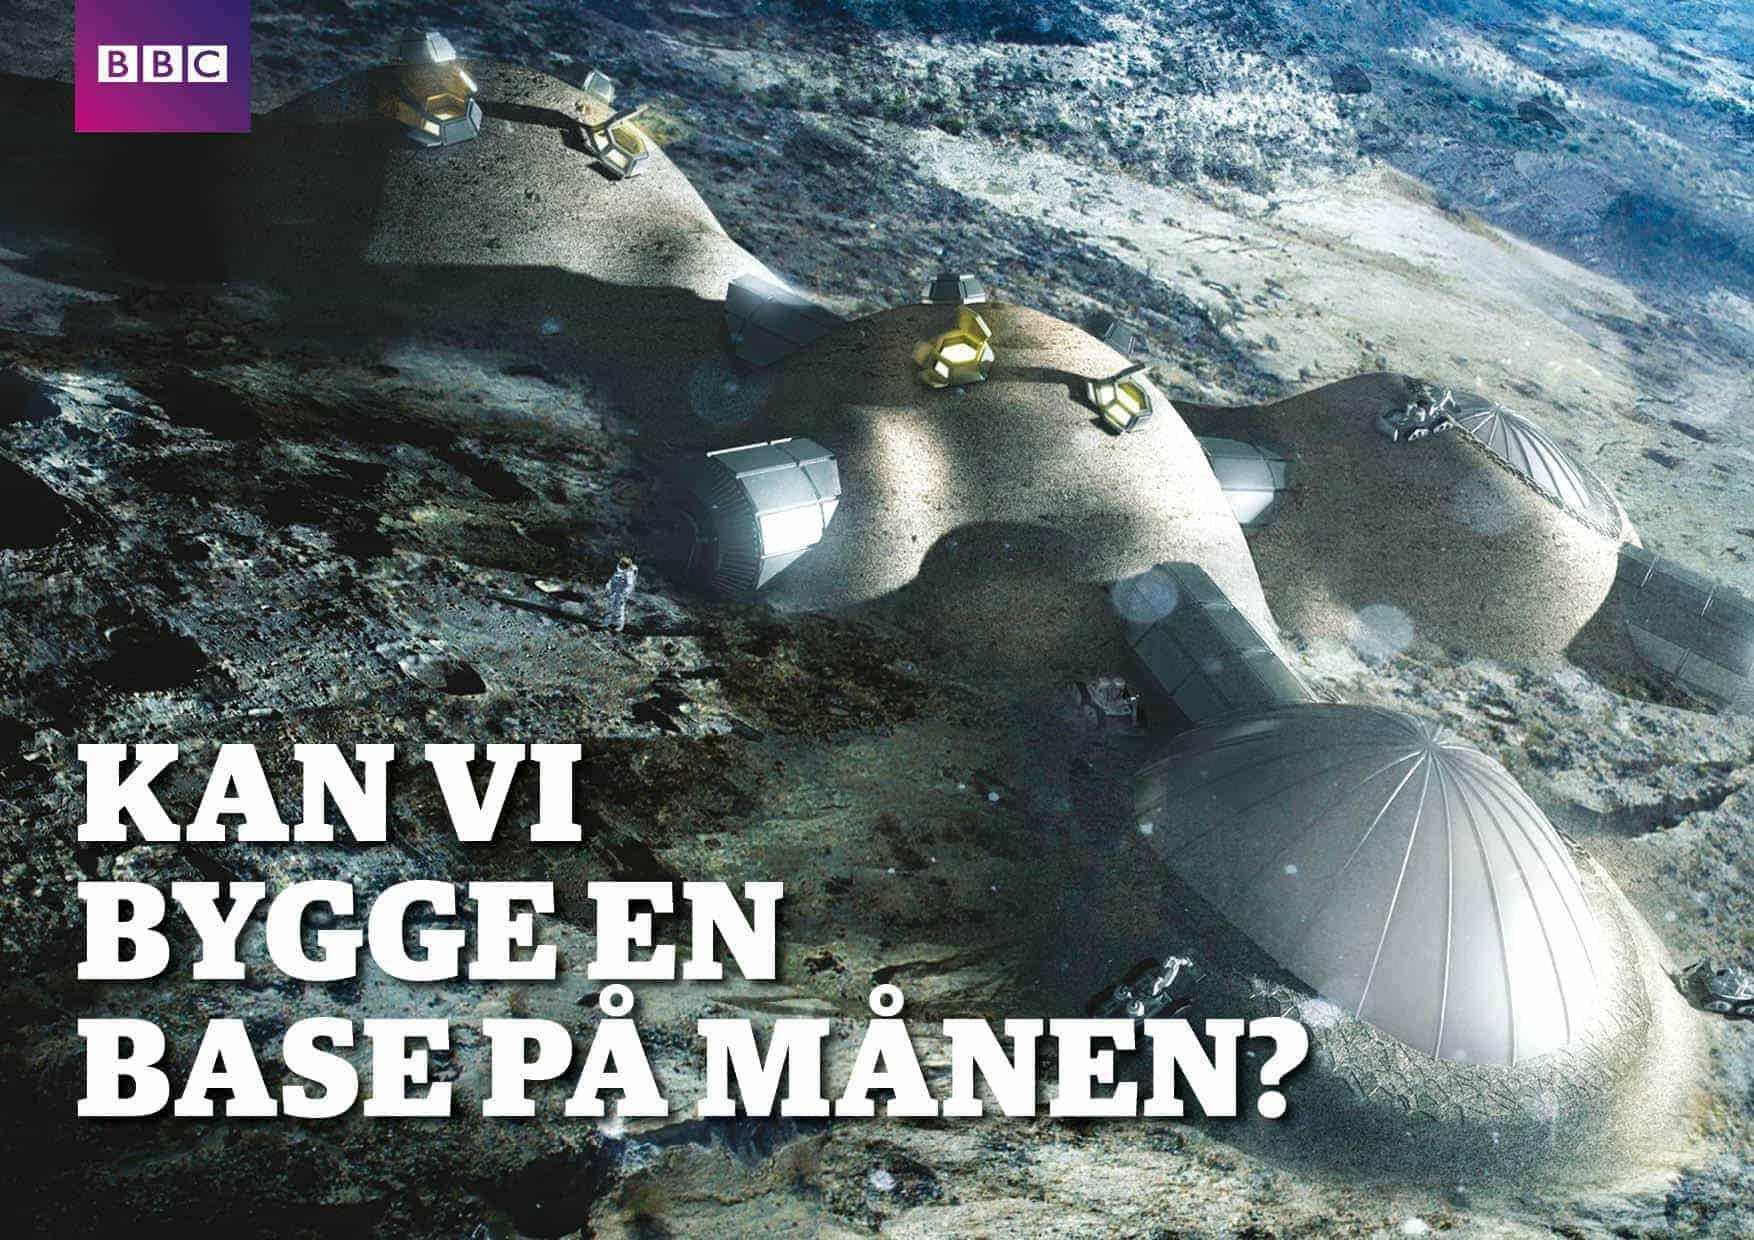 Kan vi bygge en base på månen?